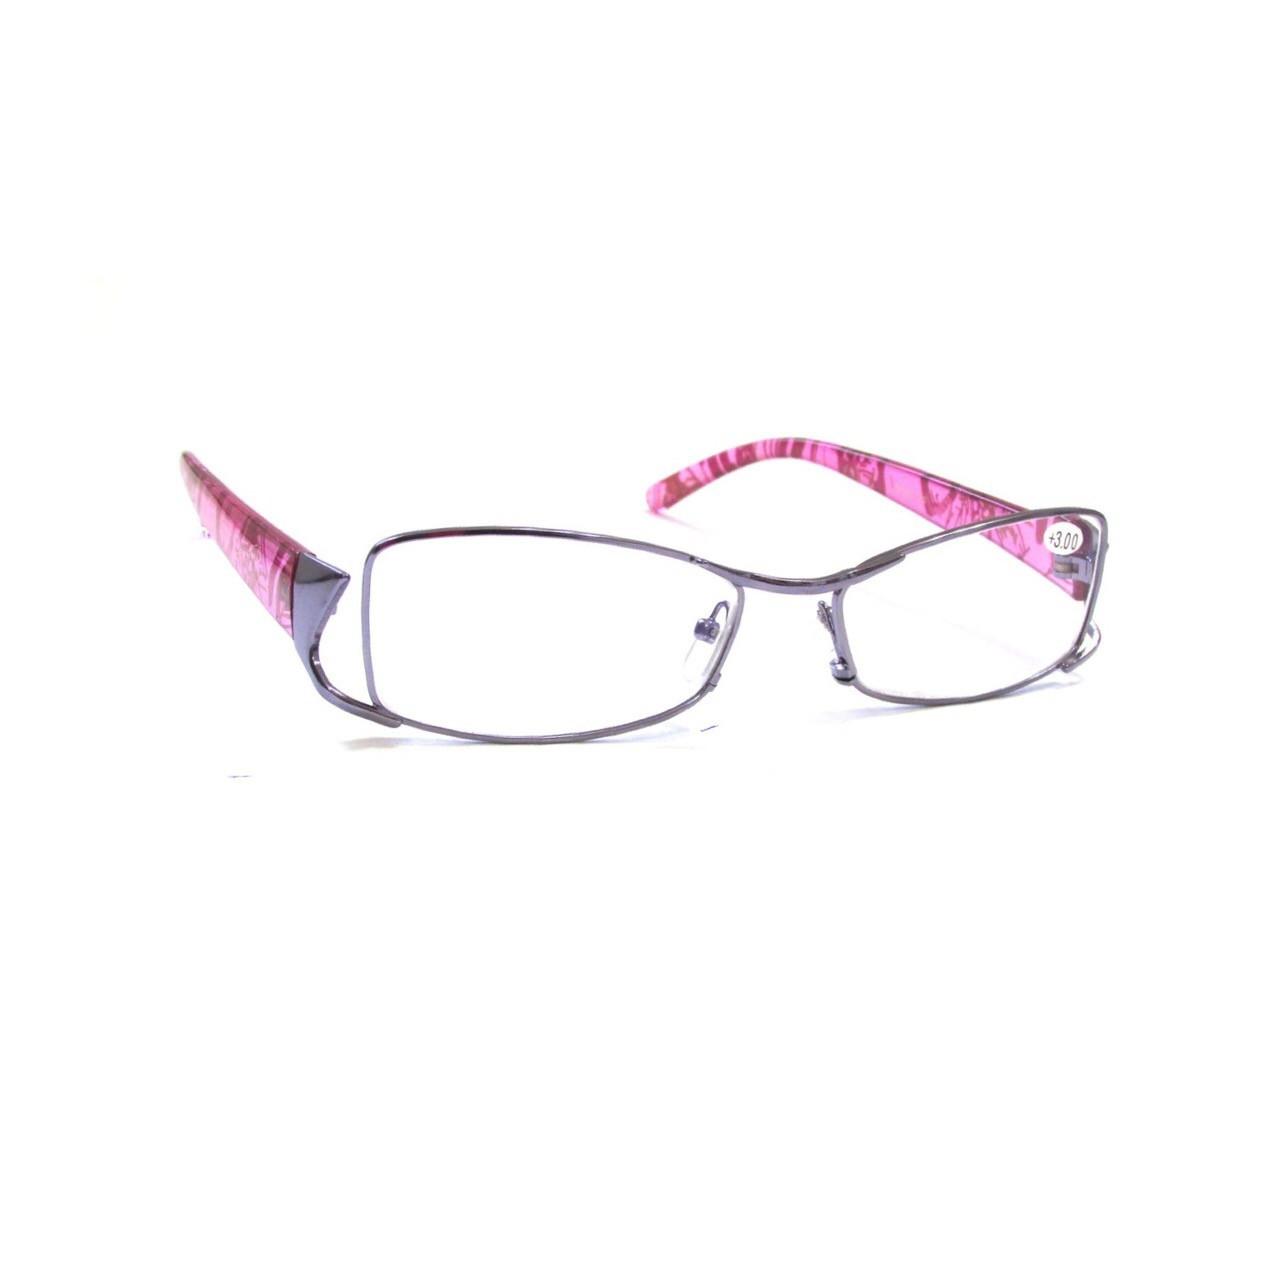 Жіночі окуляри з білої лінзою 2026